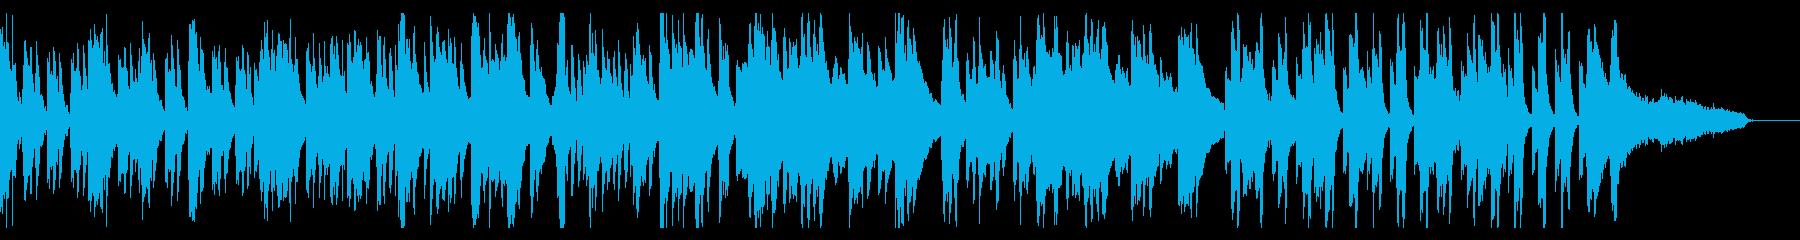 のどかでゆったり、シンプルな日常曲の再生済みの波形